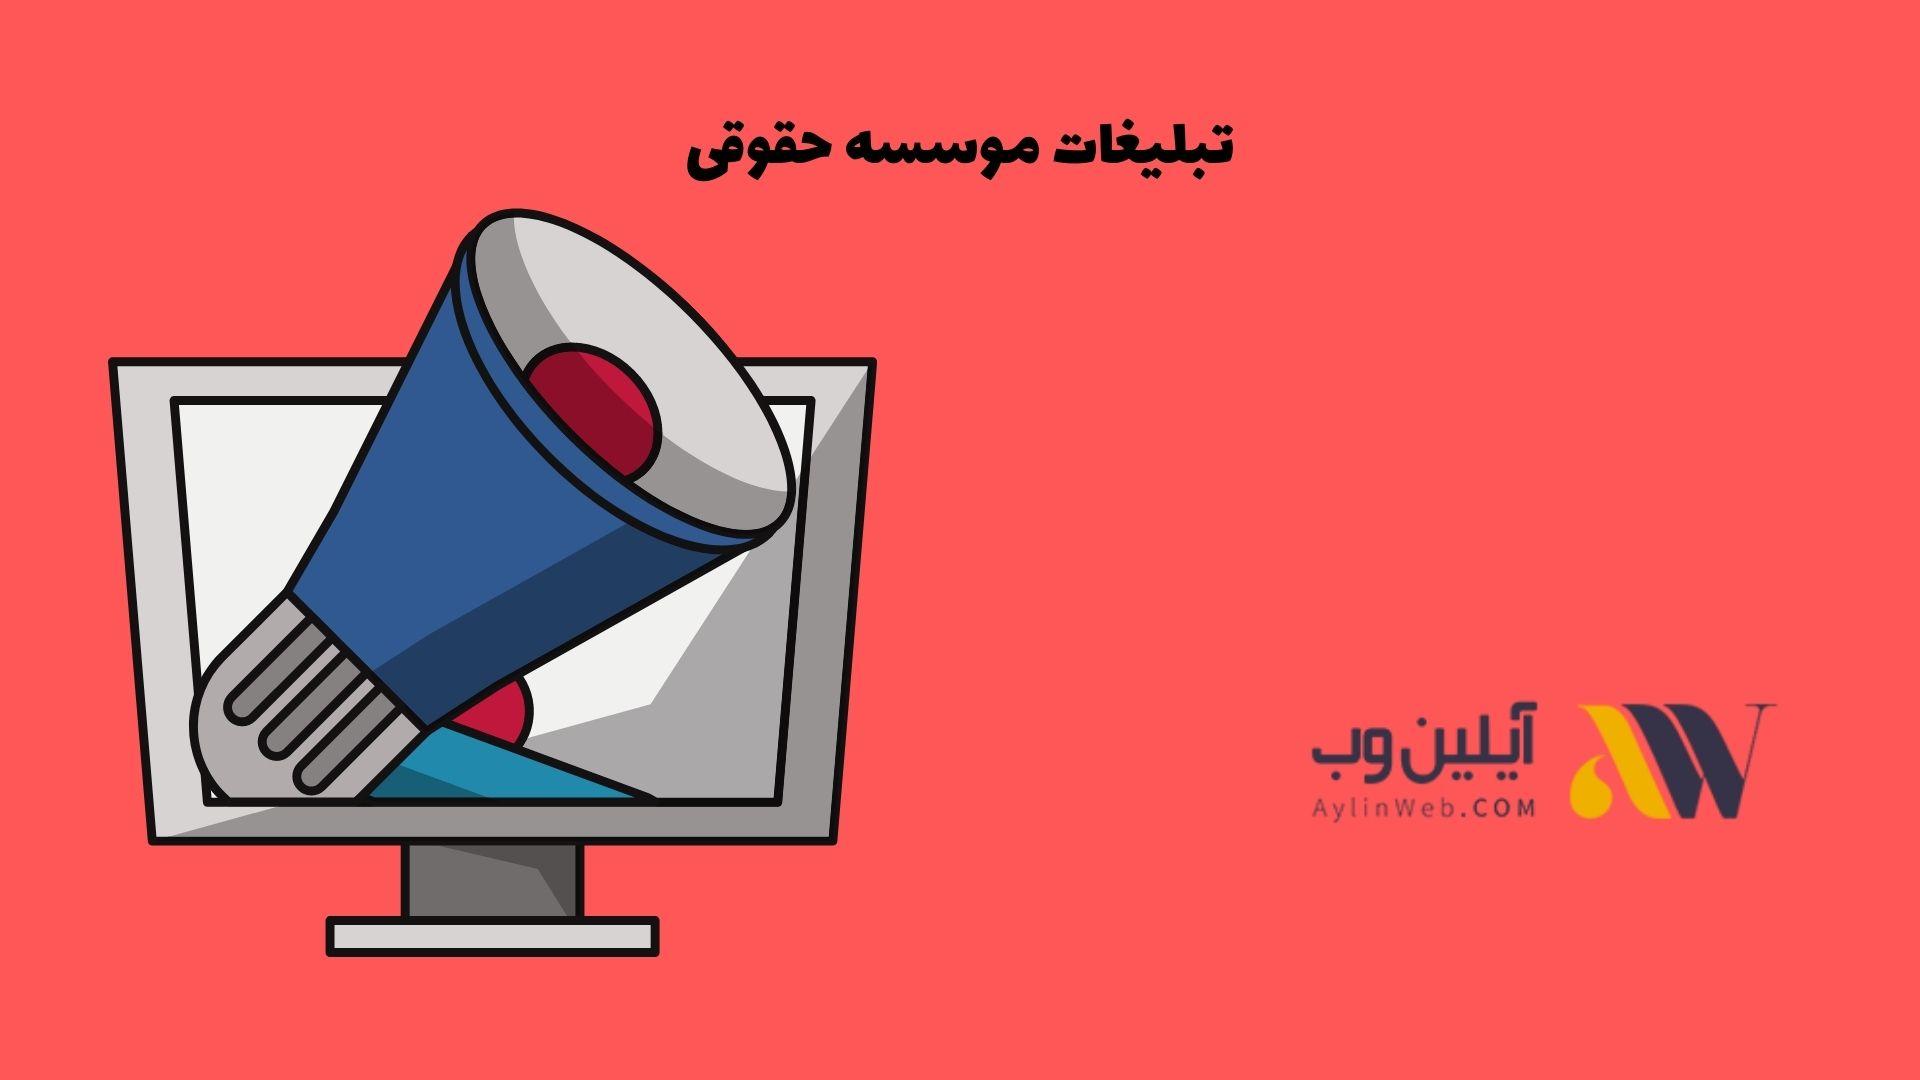 تبلیغات موسسه حقوقی